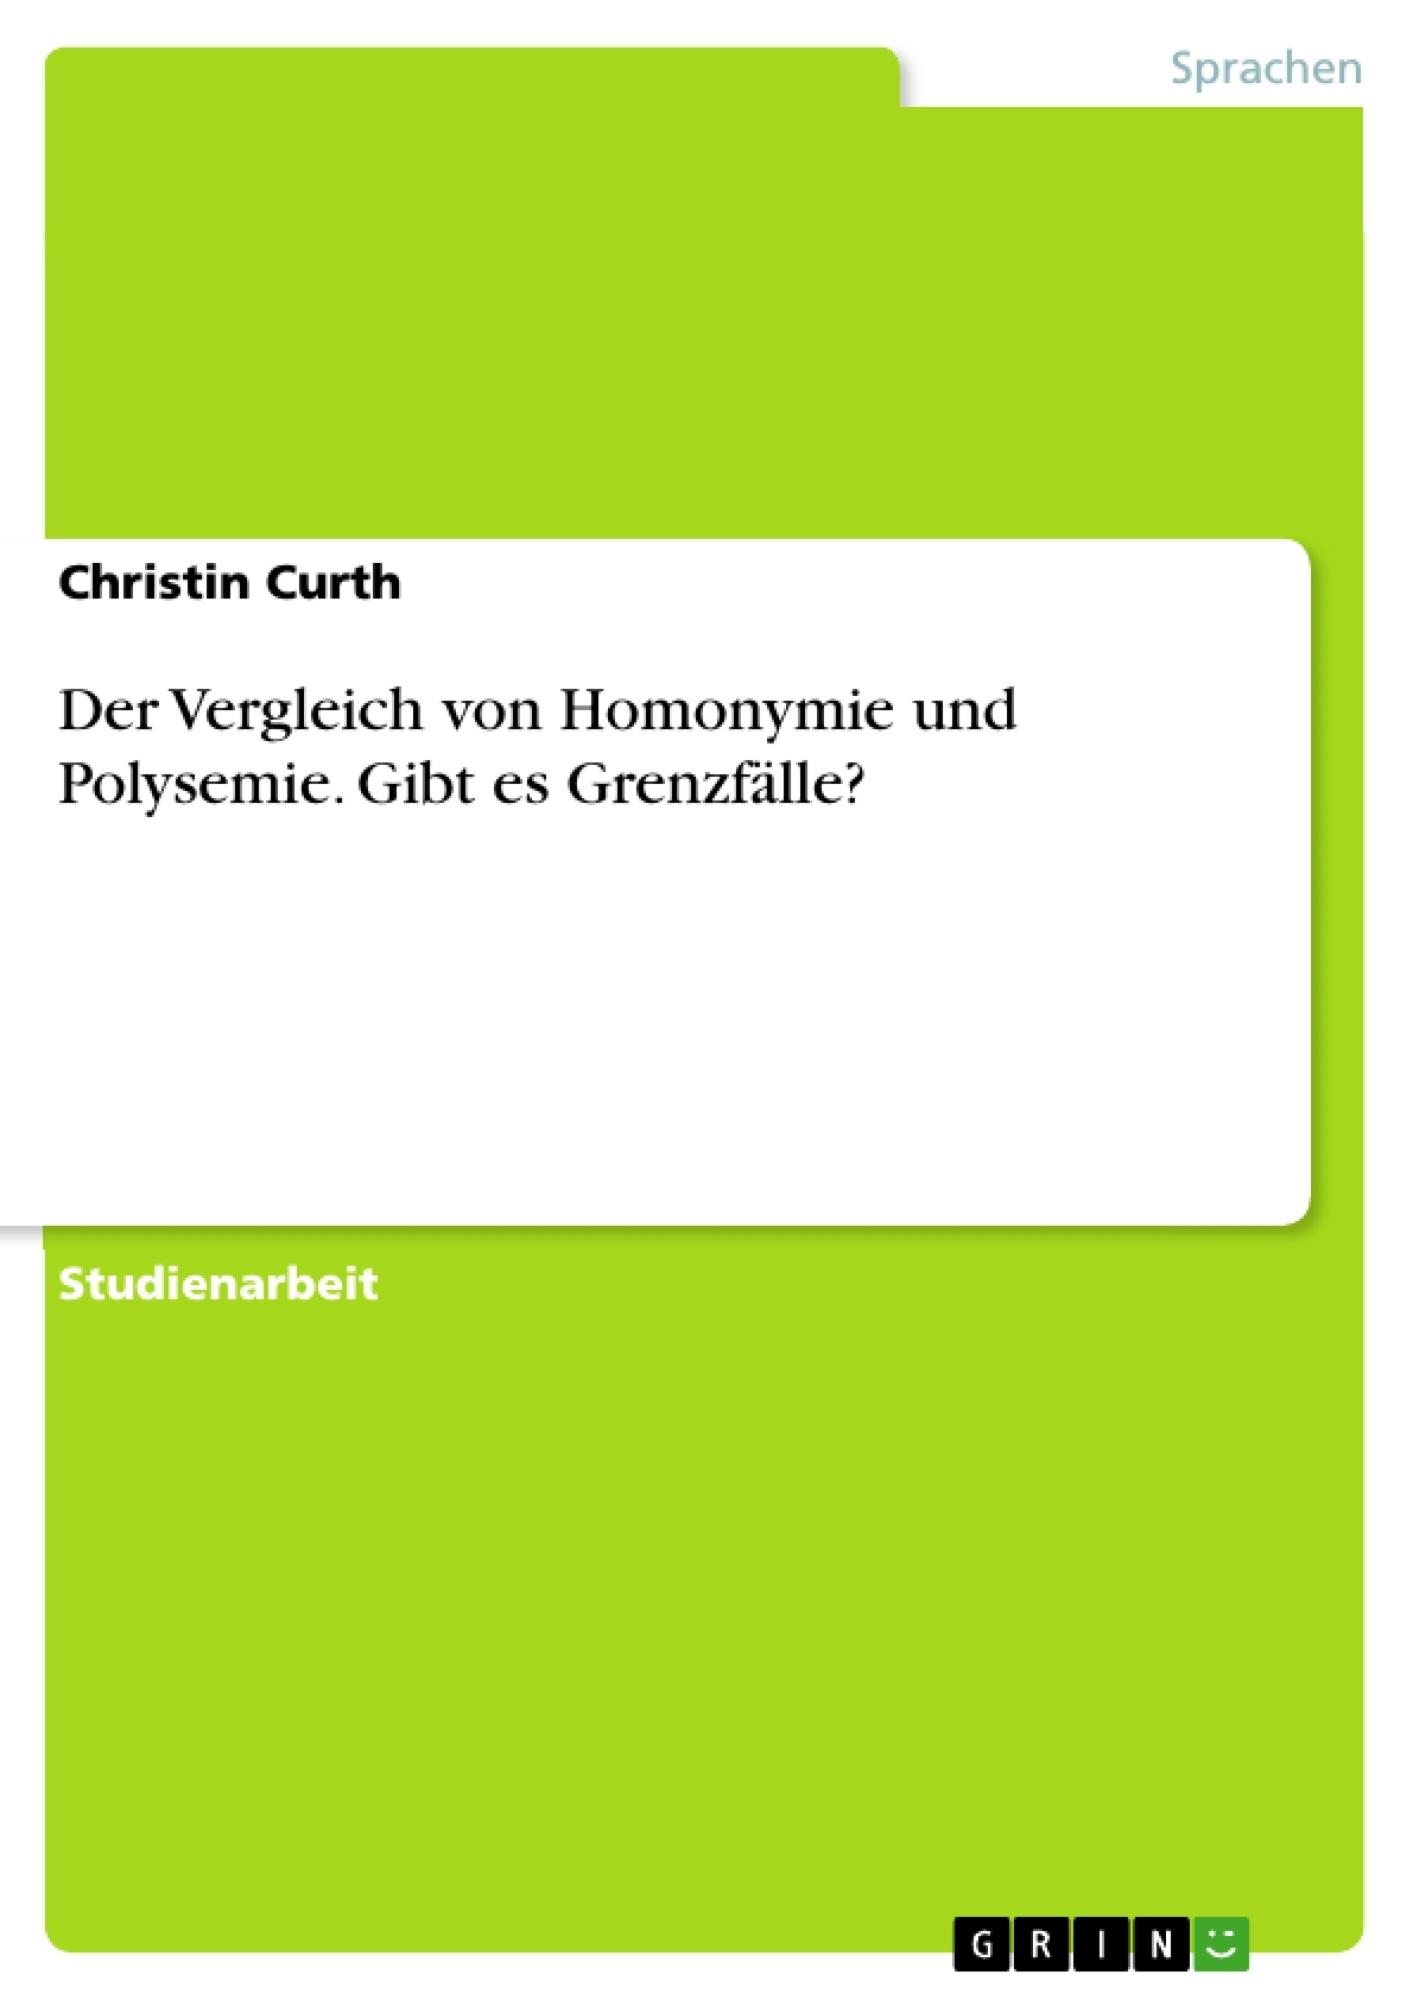 Titel: Der Vergleich von Homonymie und Polysemie. Gibt es Grenzfälle?